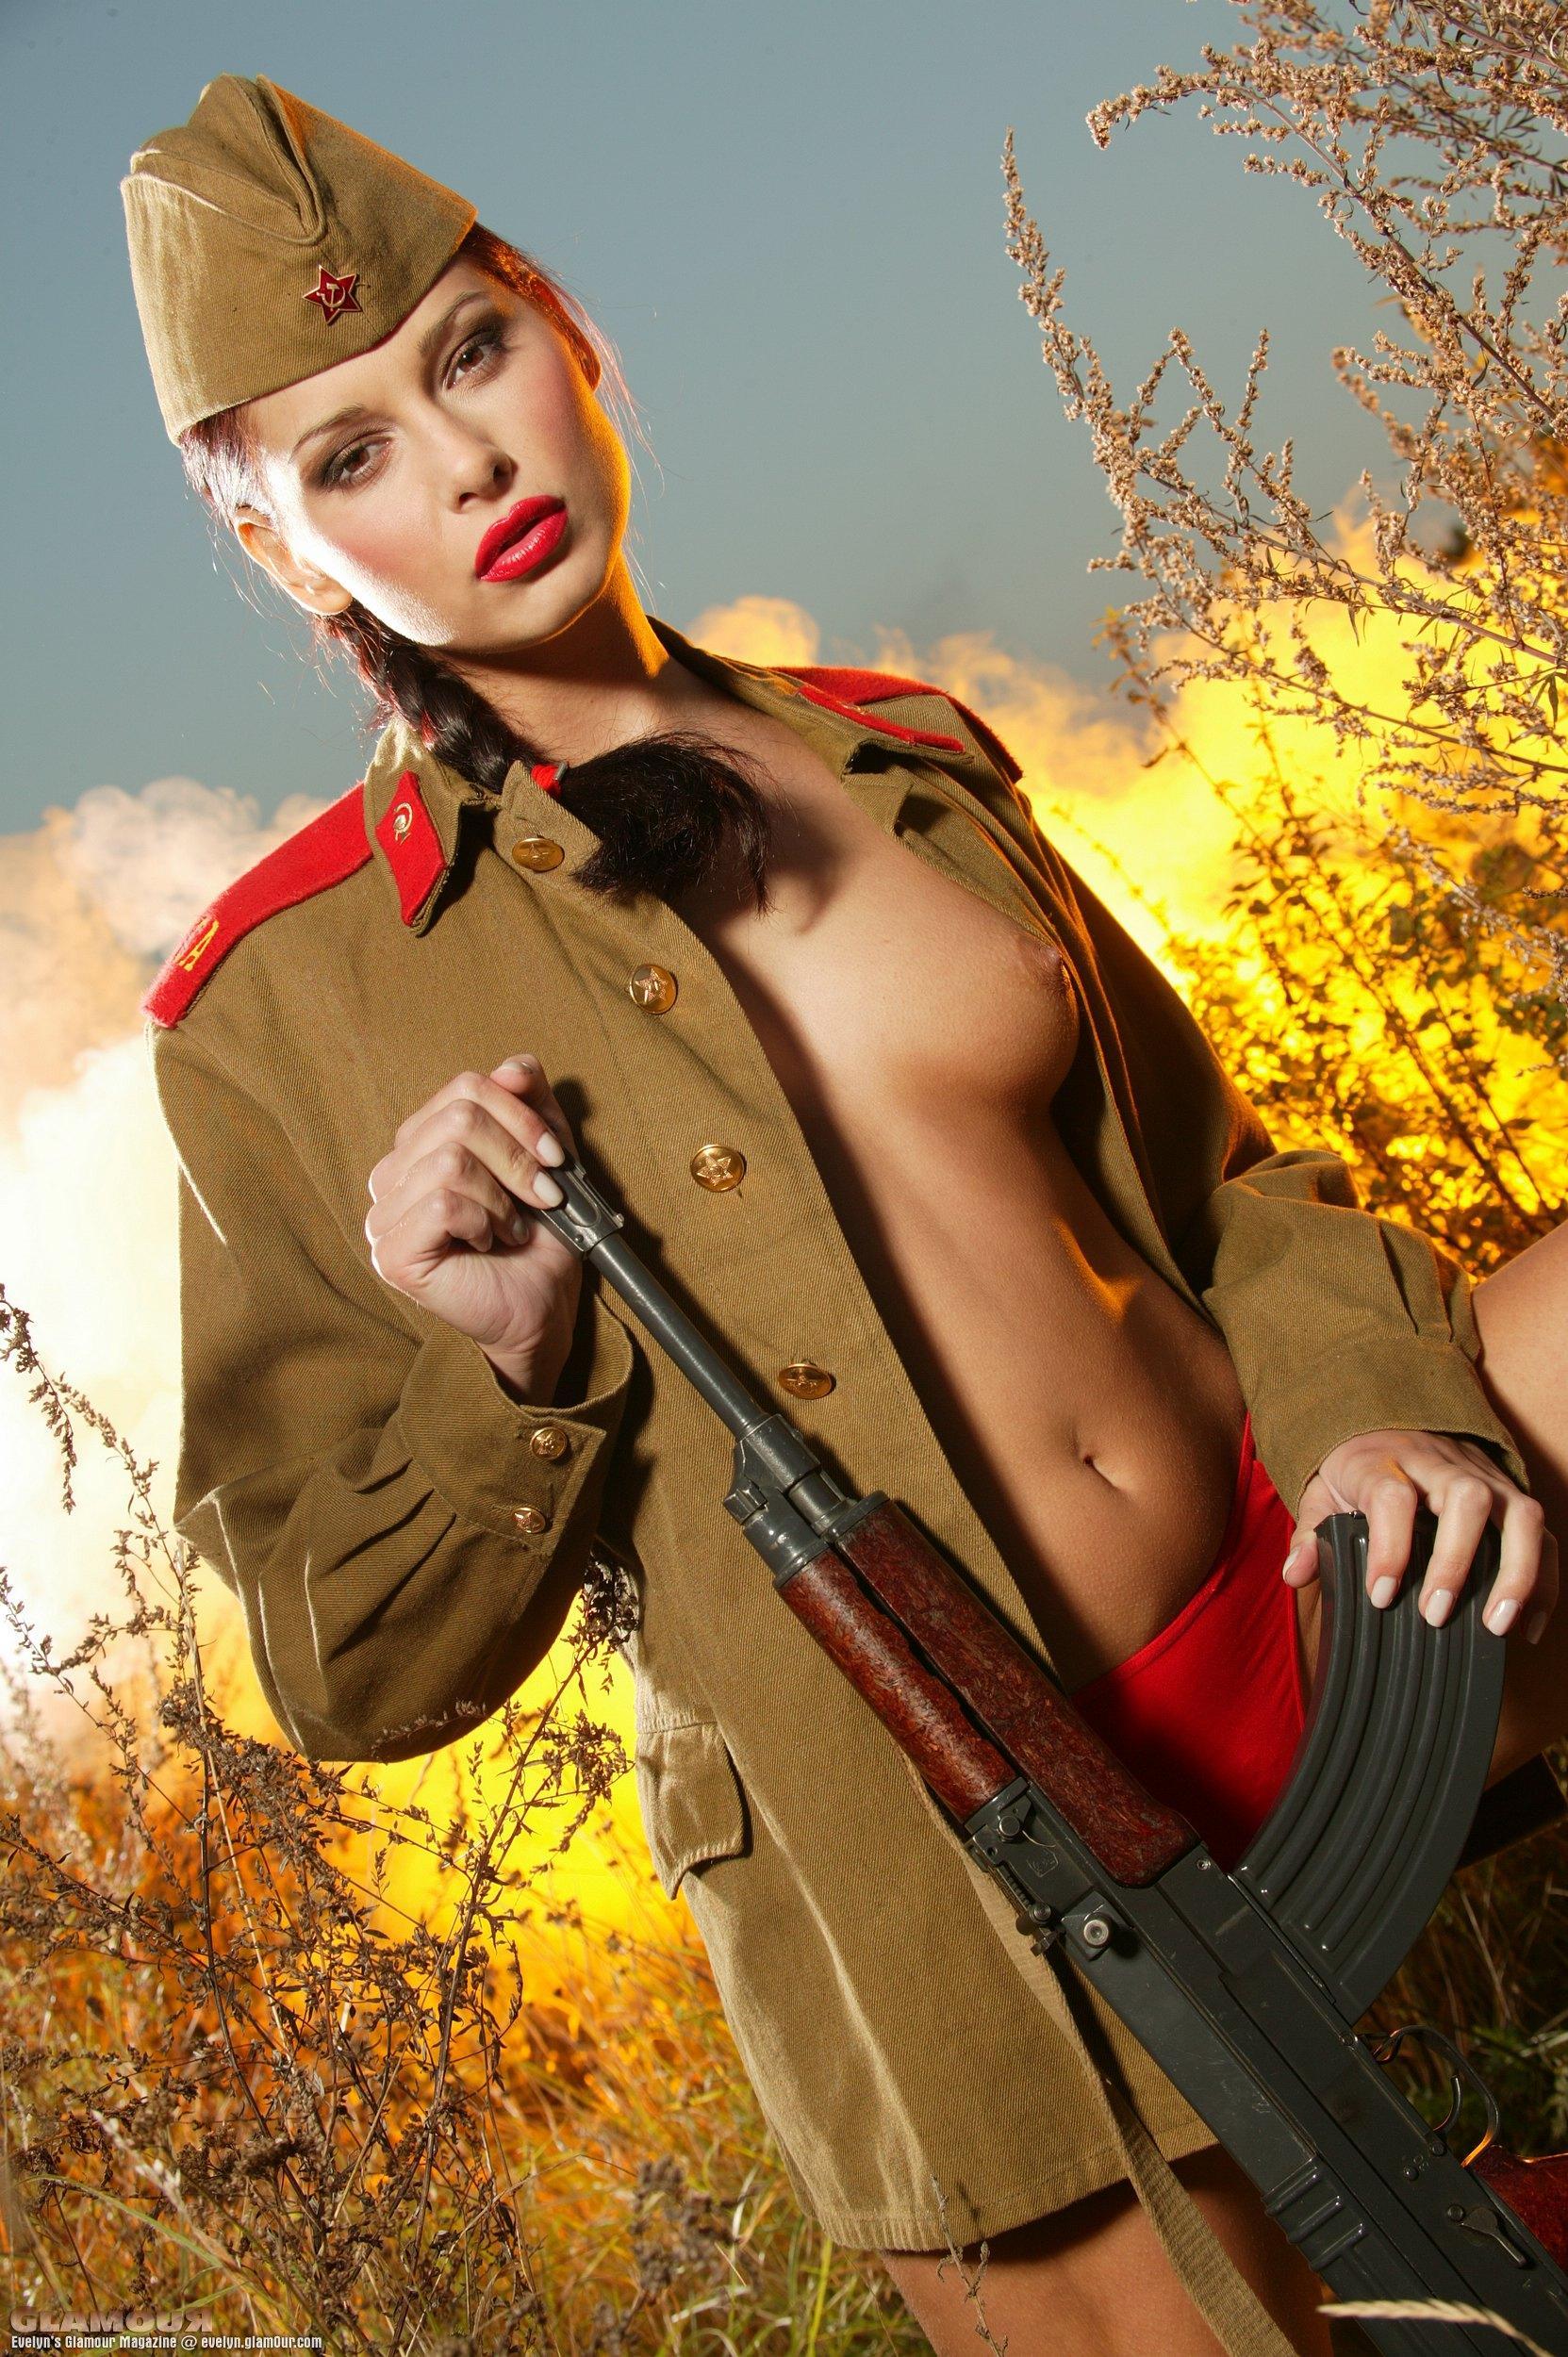 Эротика женщины в военном — 10